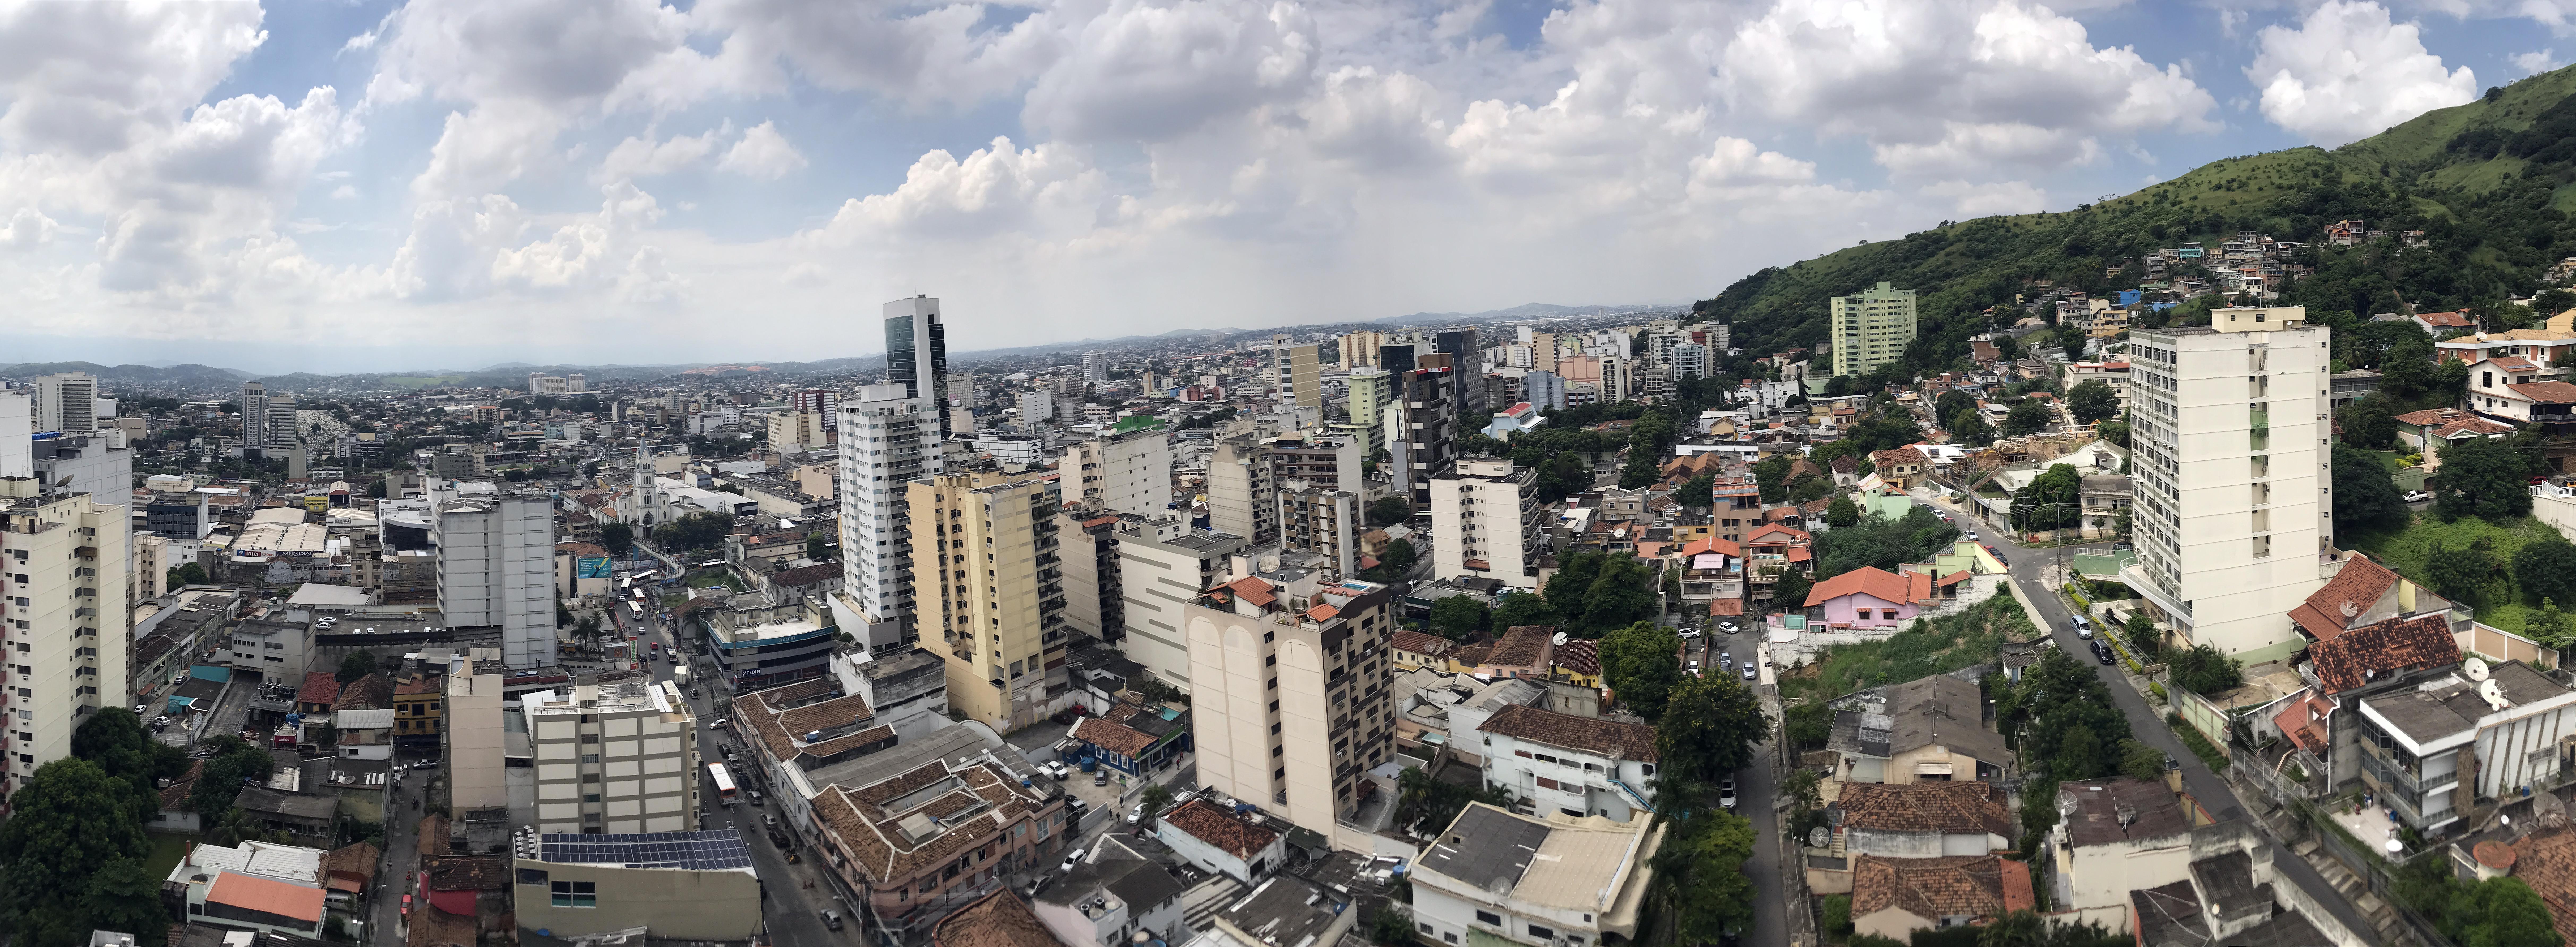 Nova Iguaçu Rio de Janeiro fonte: upload.wikimedia.org